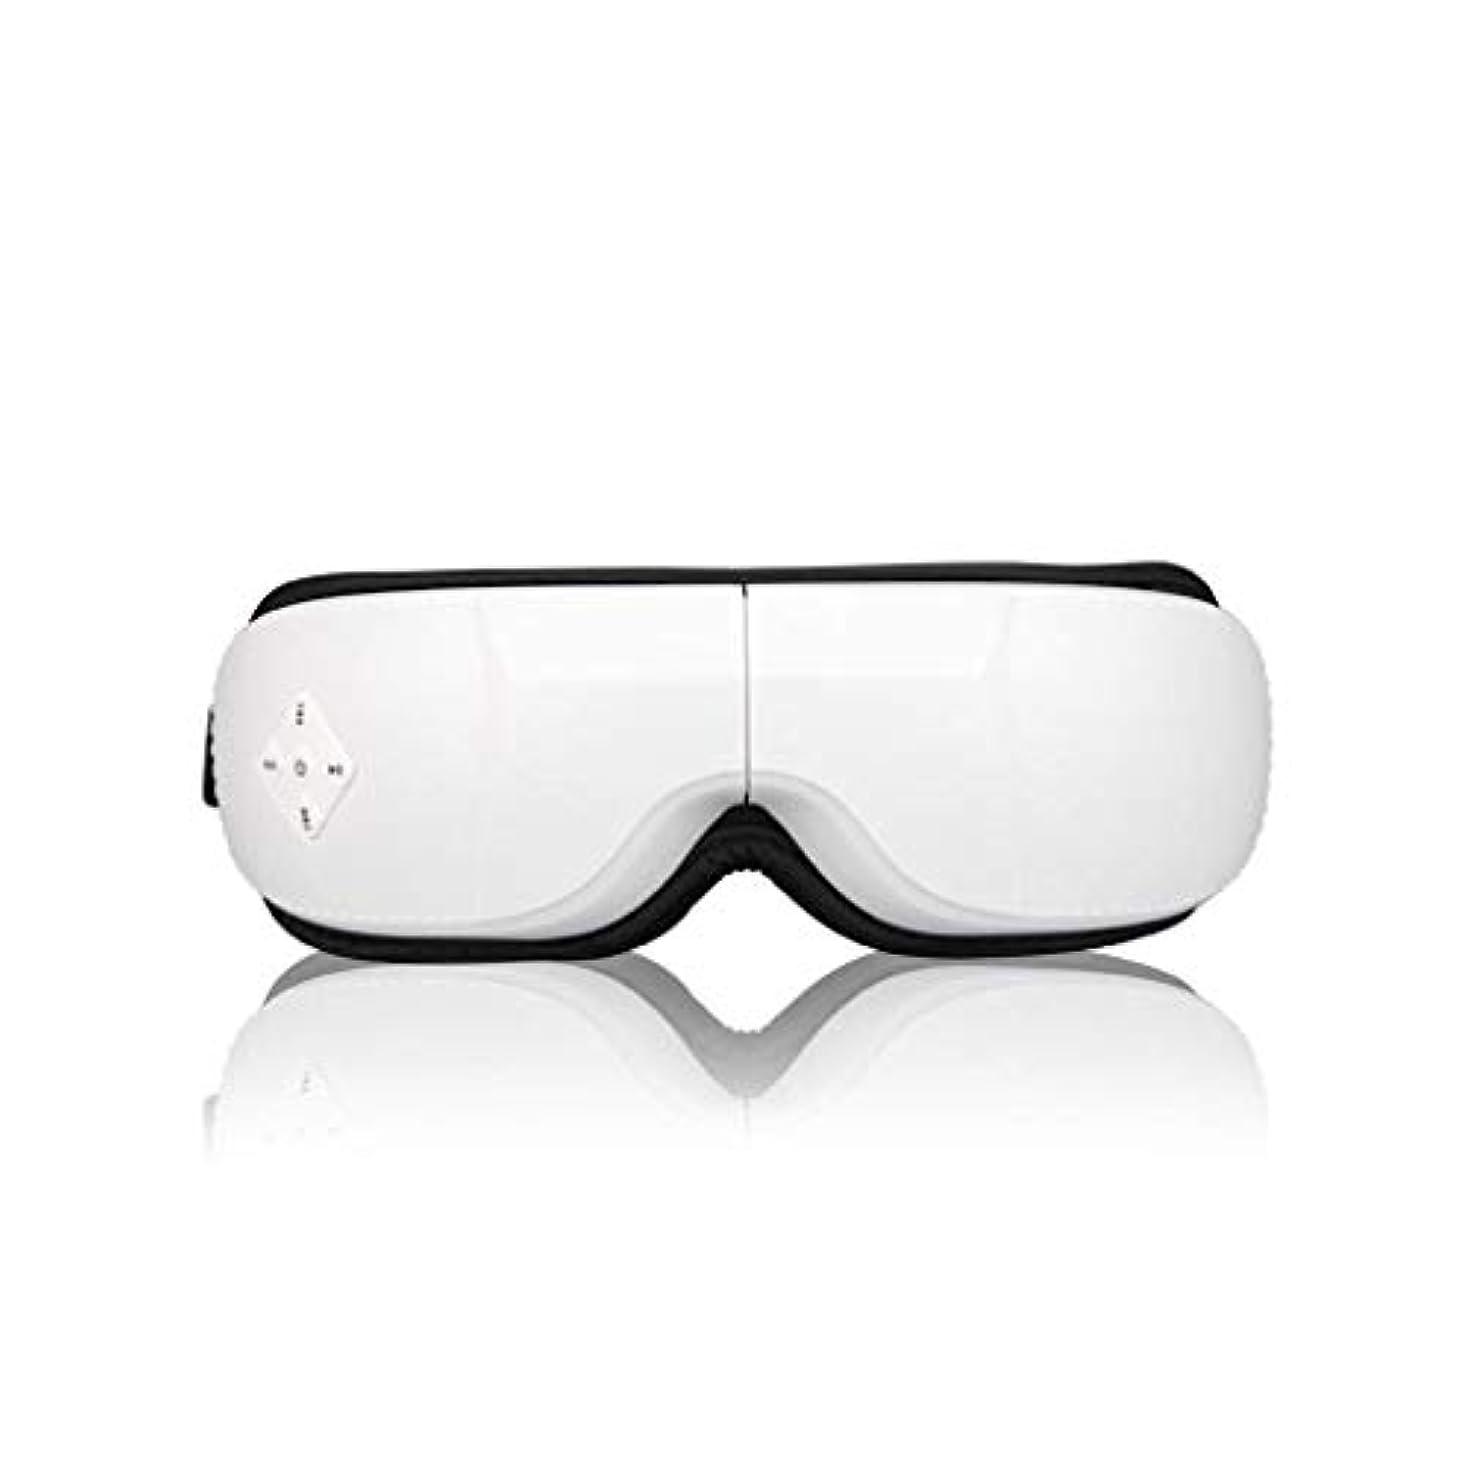 コインランドリーしてはいけない分散電動アイマスク、アイマッサージャー、折りたたみ式USB充電式スマートデコンプレッションマシン、ワイヤレスBluetoothポータブル、目の疲れを和らげる、ダークサークル、アイバッグ、美容機器